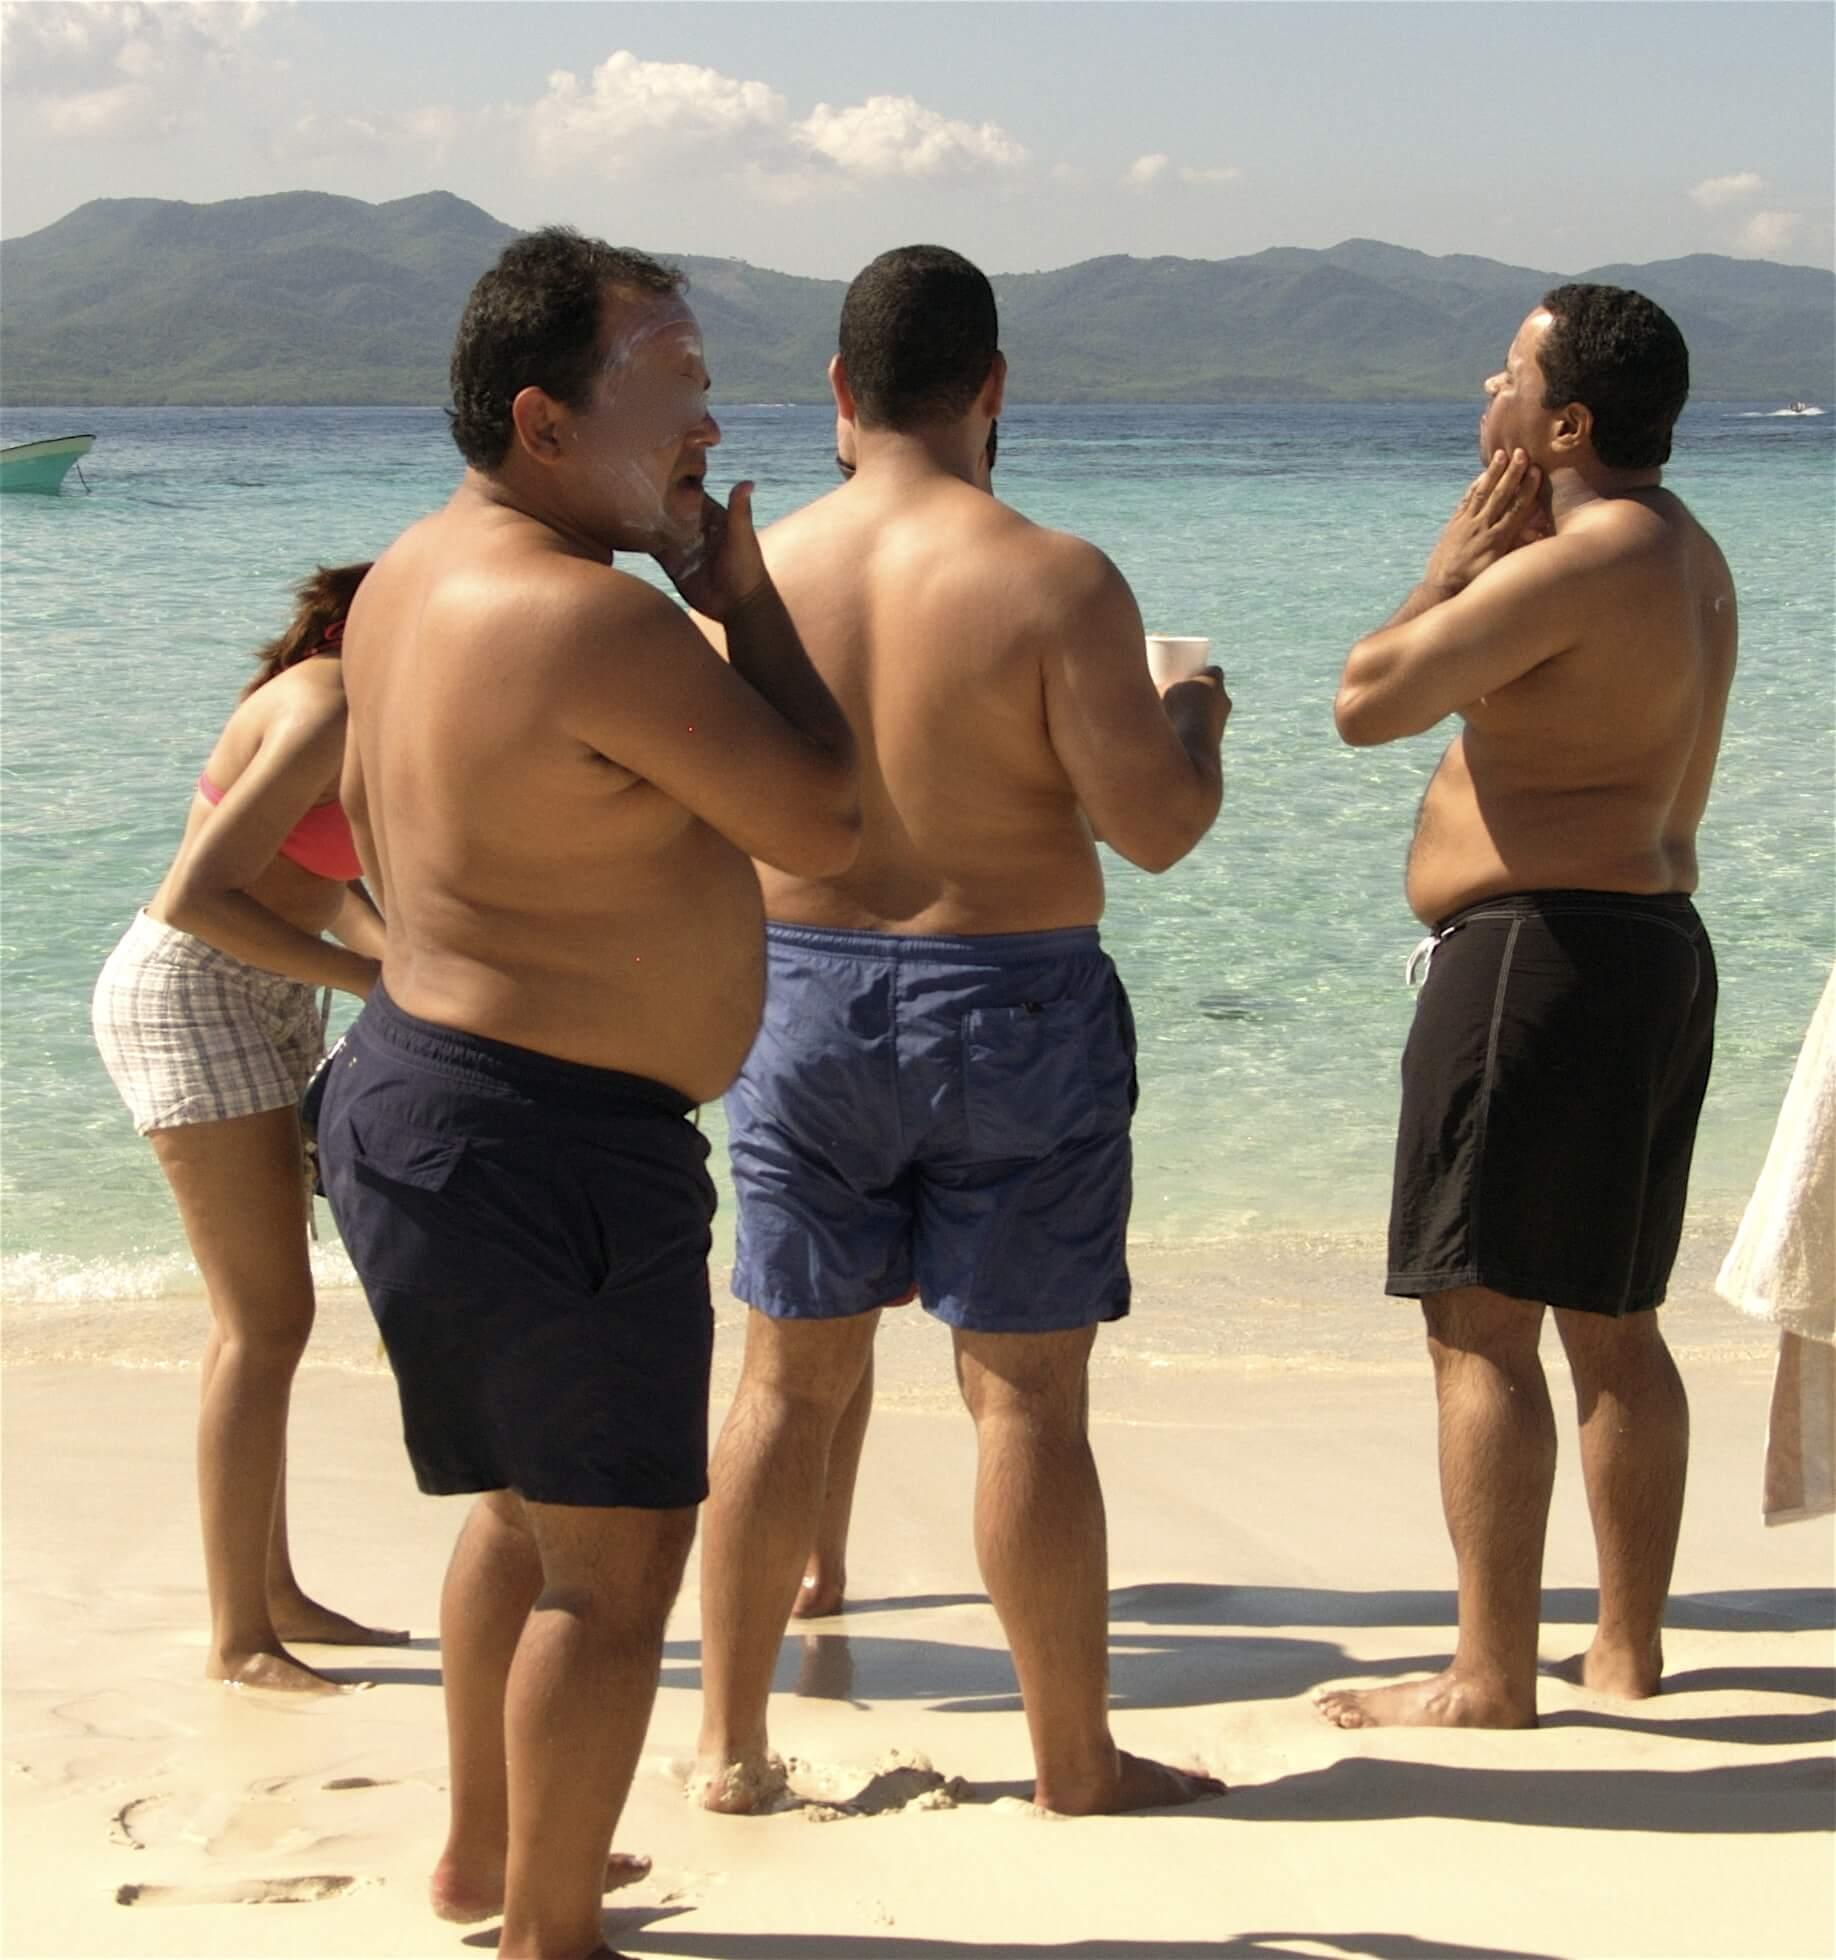 肥満体型?それならまず減量してから肉体改造するべき理由